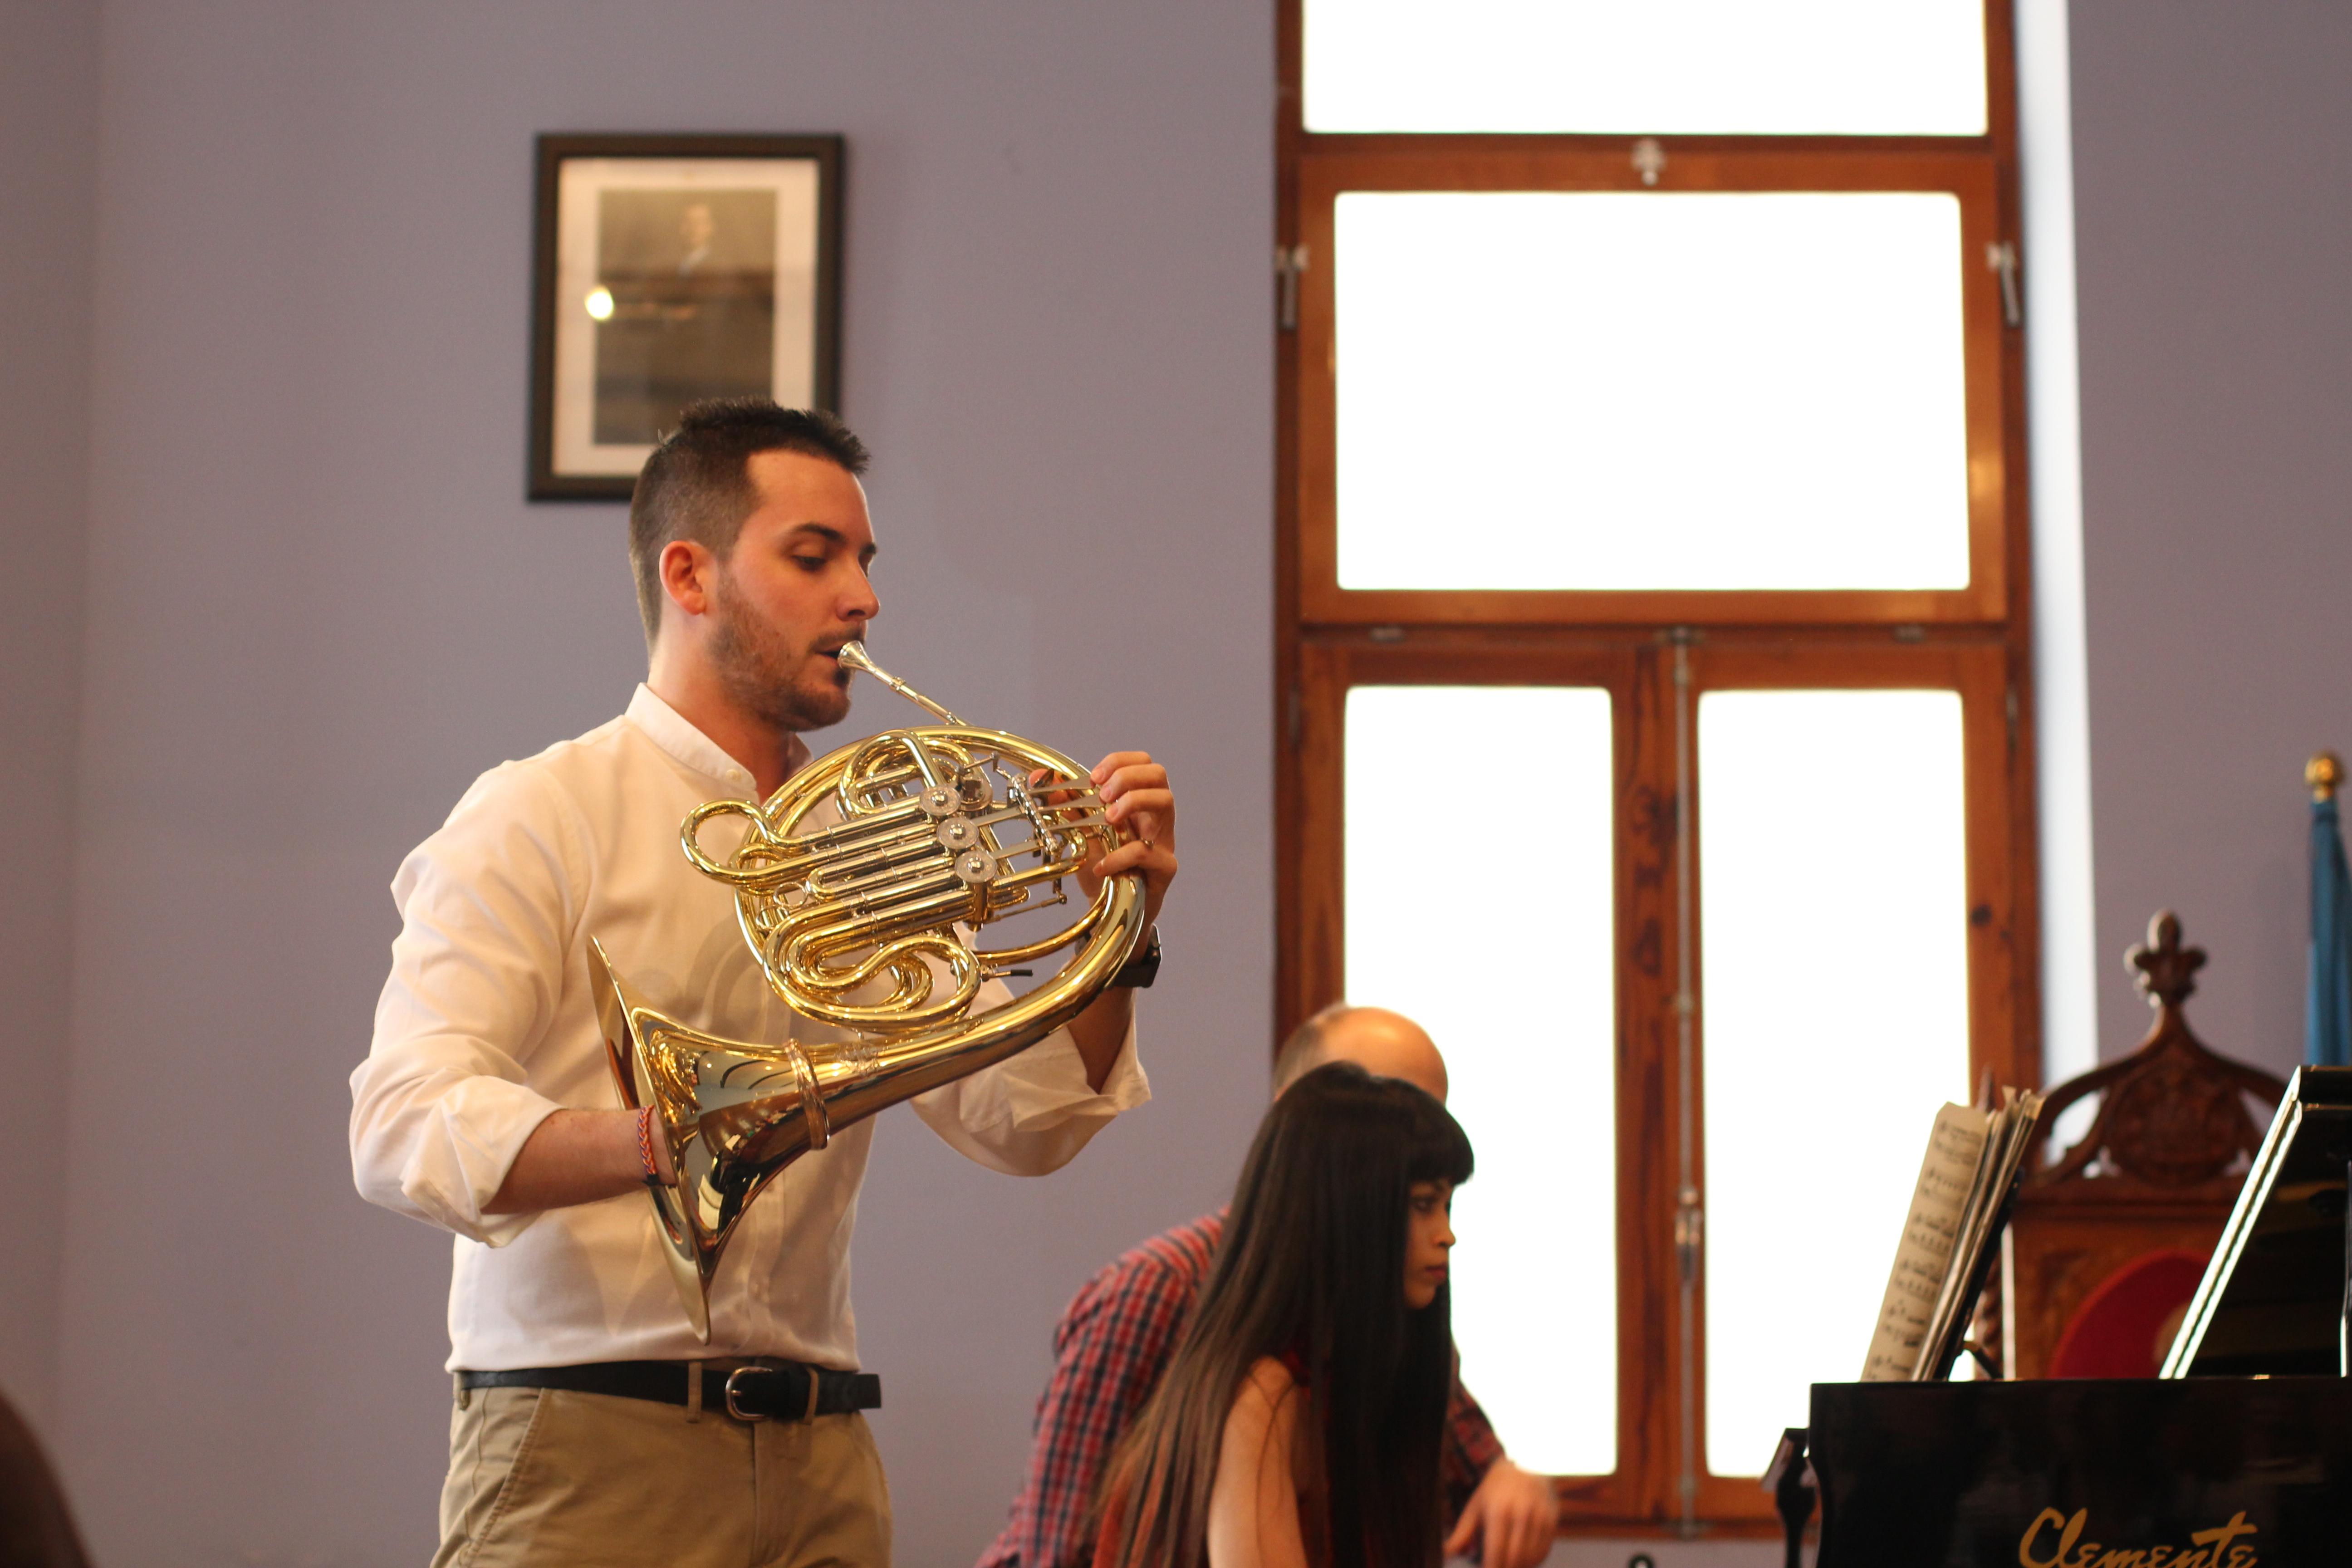 El chestano Pedro Jorge García es actual trompa solista de la Orquesta de la Comunidad de Madrid.